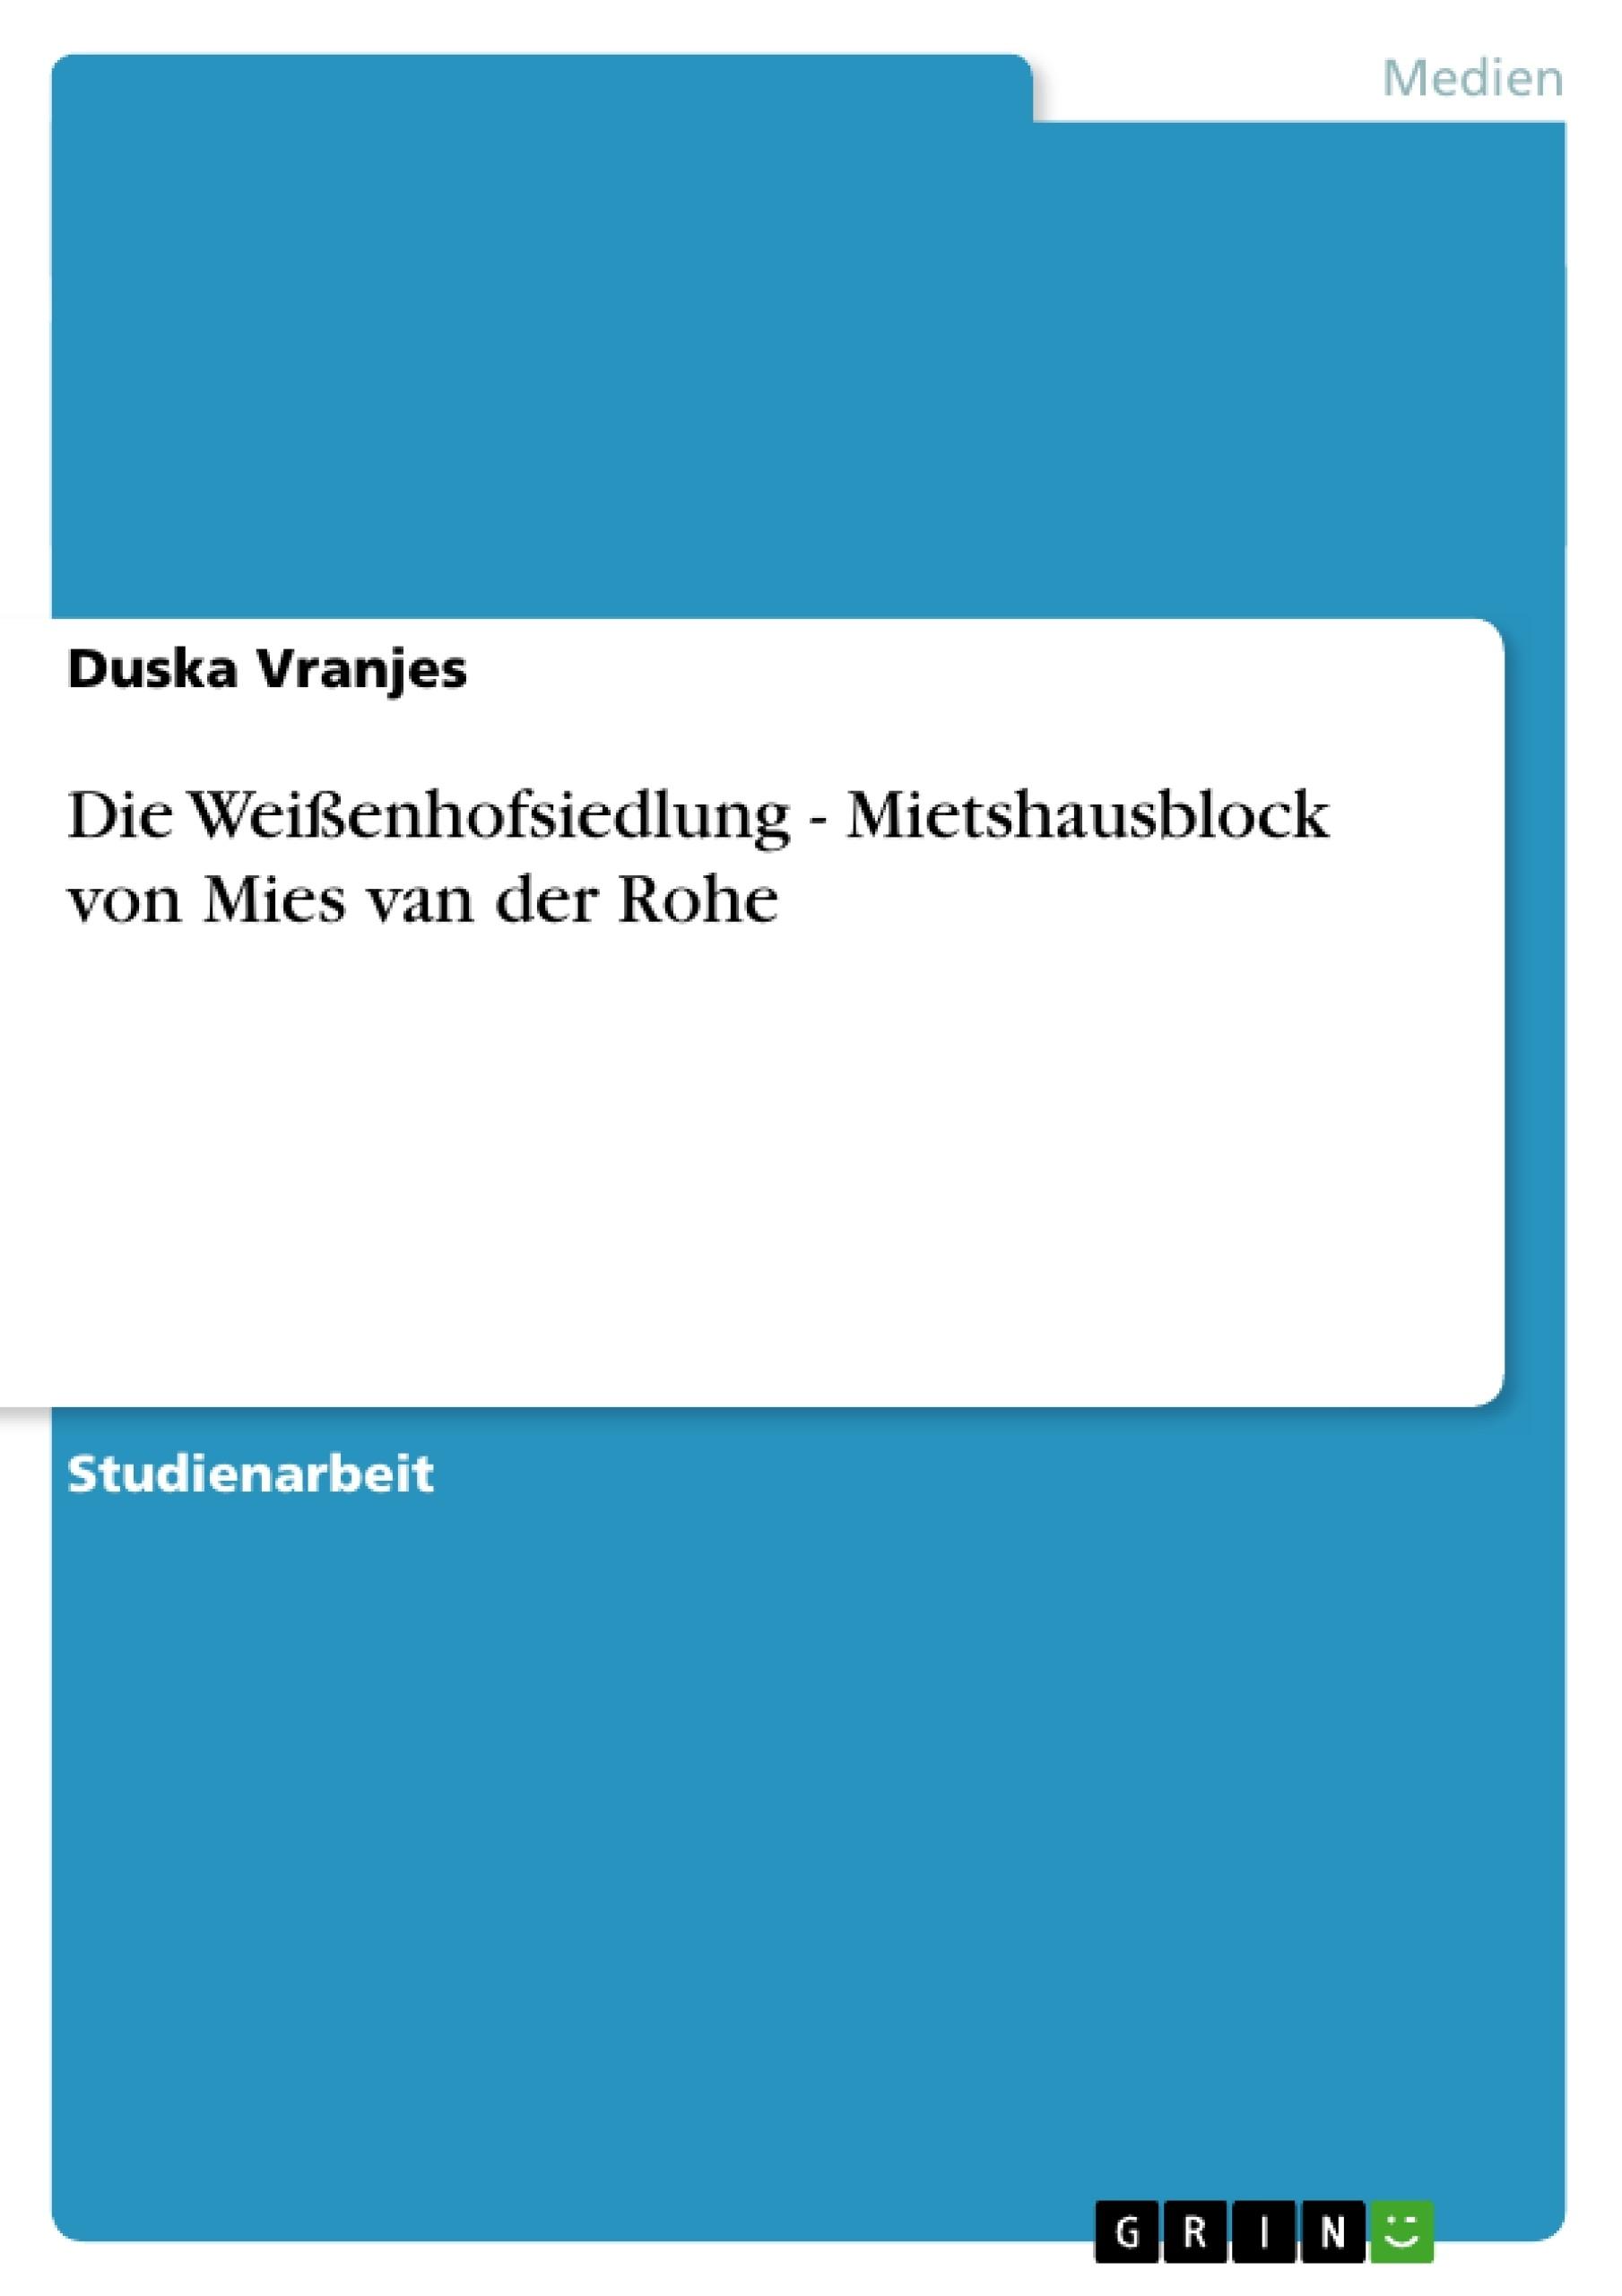 Titel: Die Weißenhofsiedlung - Mietshausblock von Mies van der Rohe